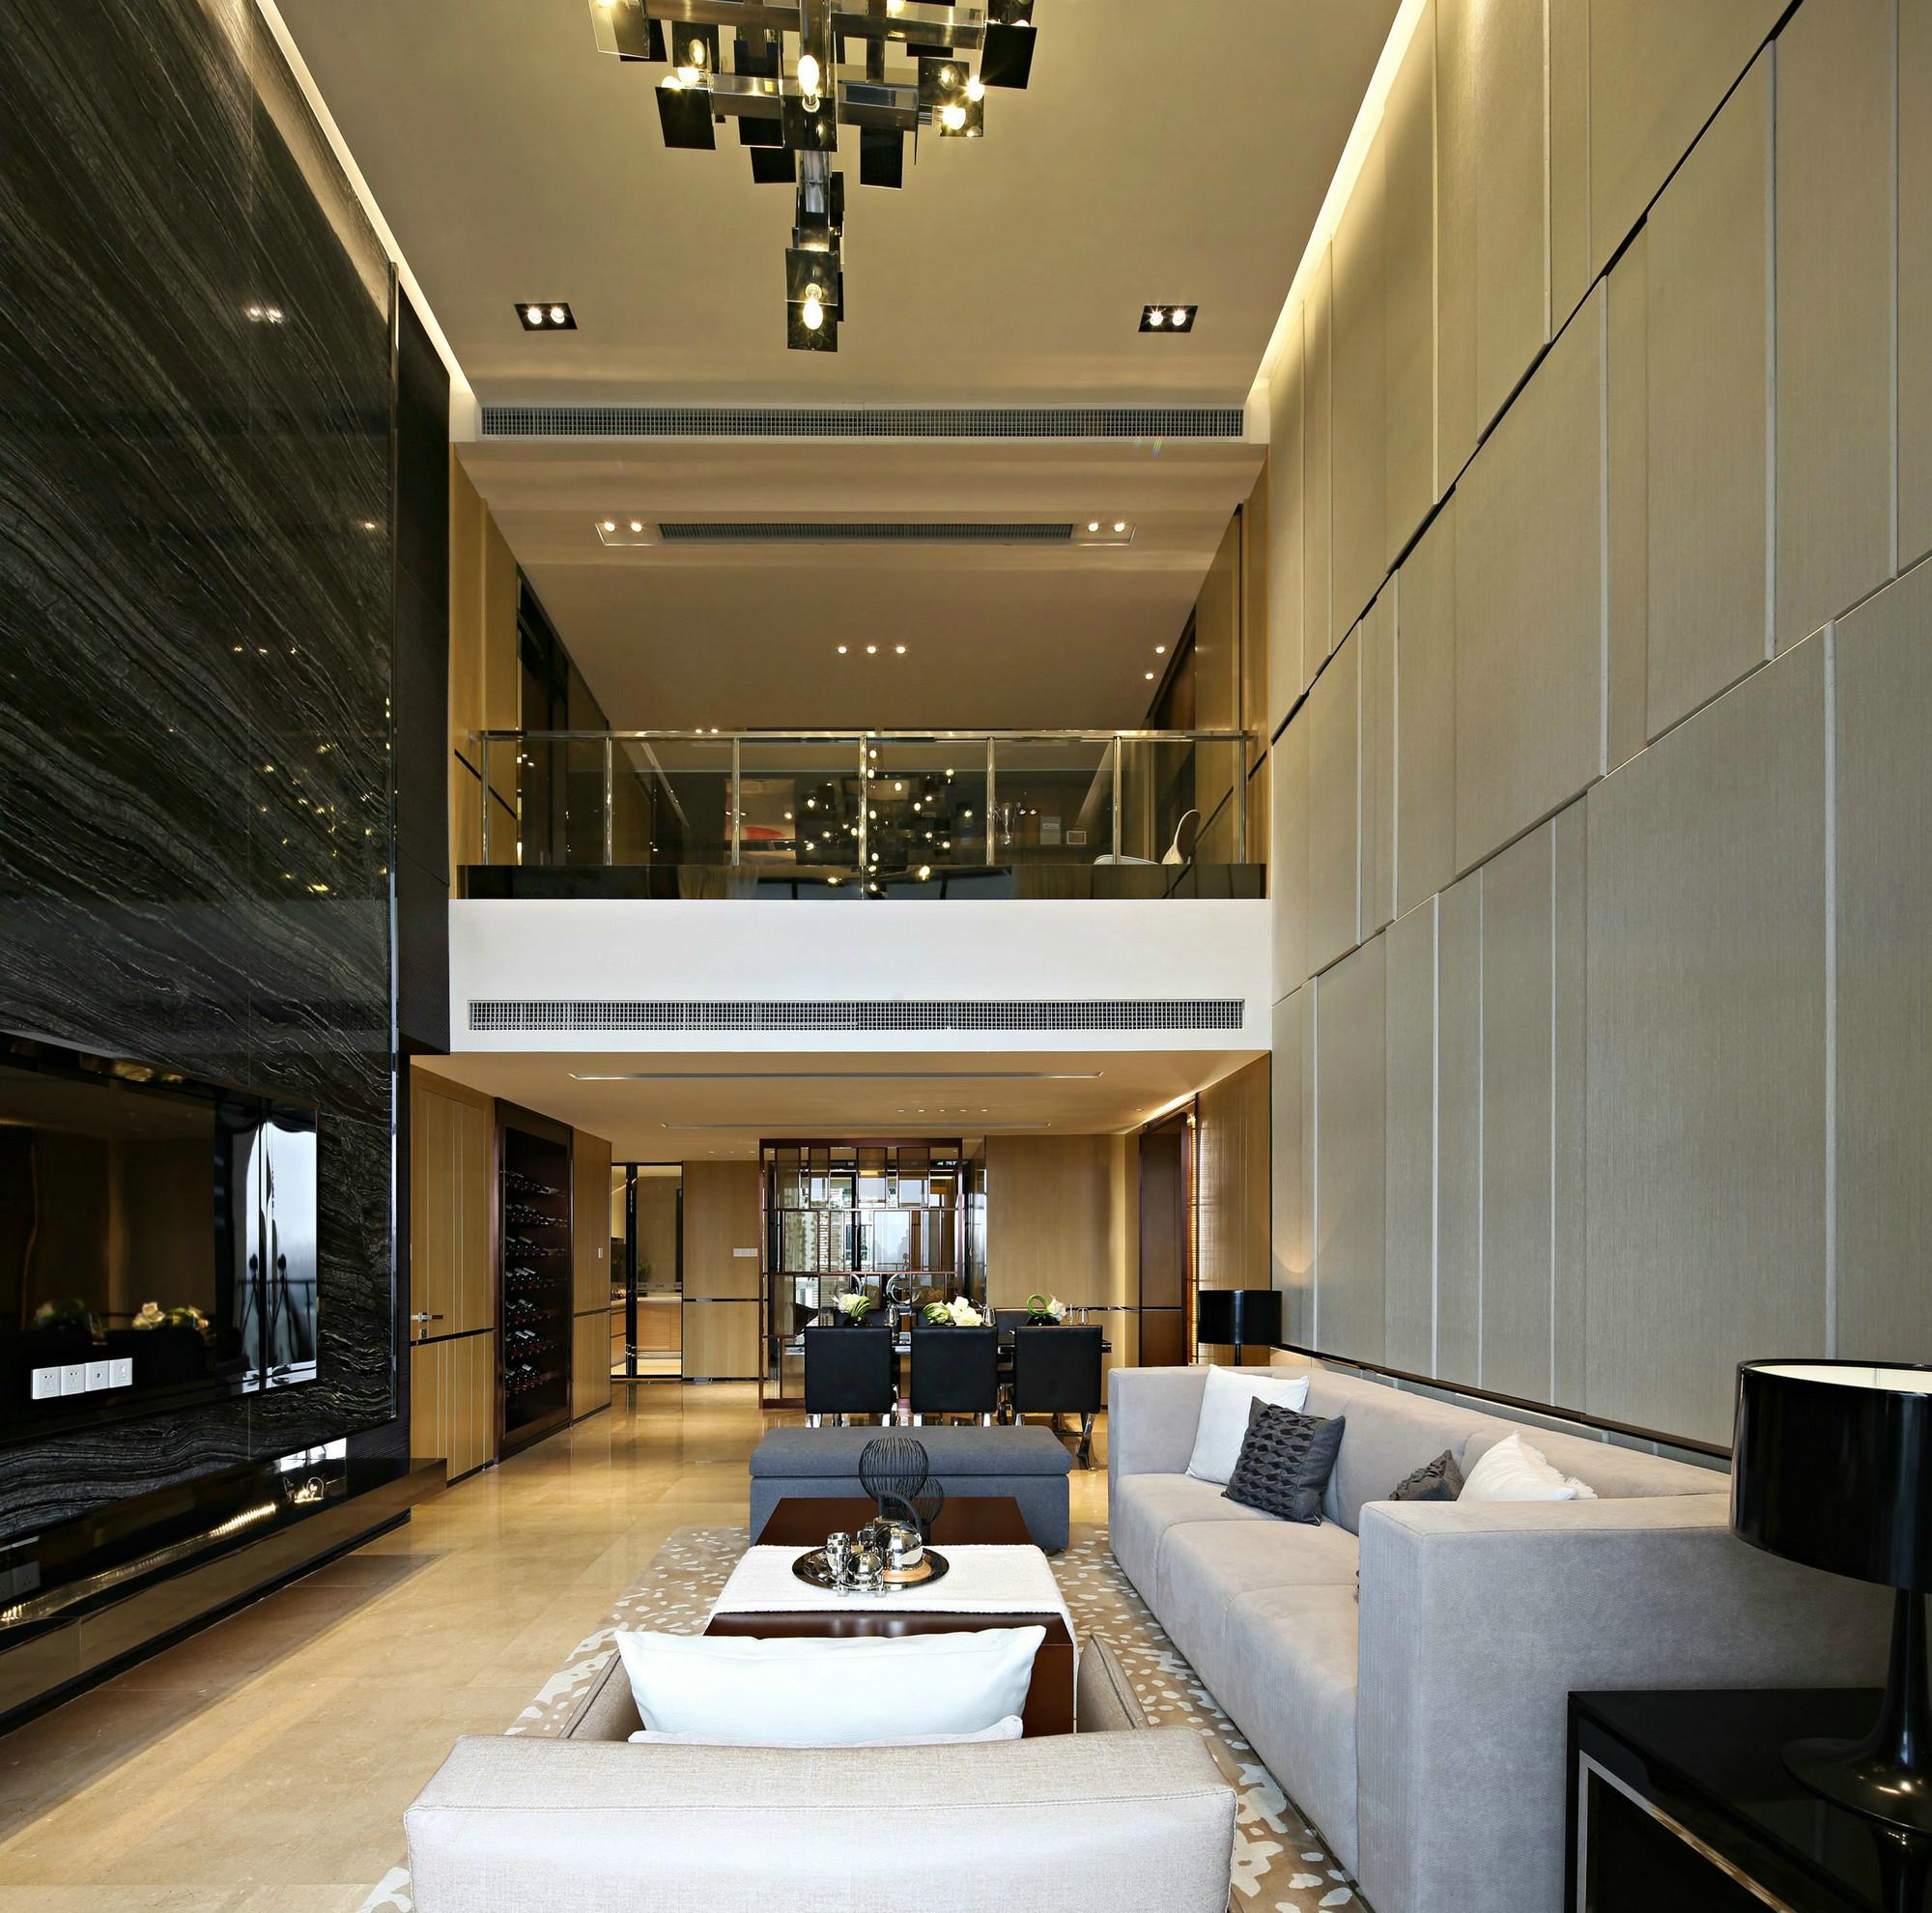 现代简约复式样板间客厅装修效果图